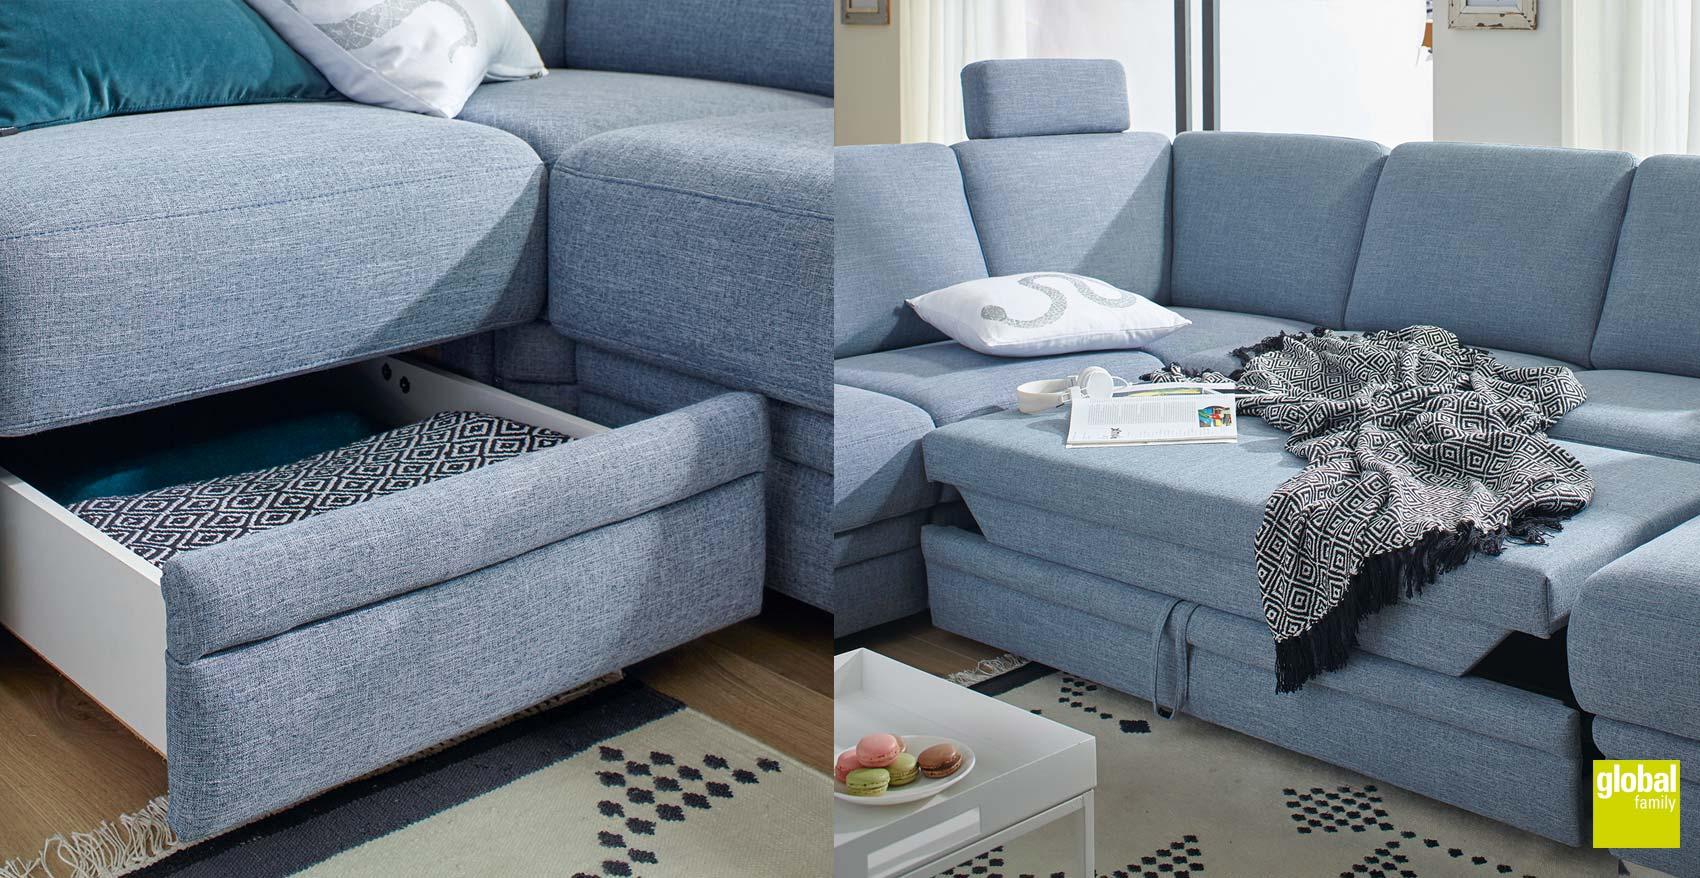 global tavira von global wohnen in pockau nahe chemnitz m bel schmutzler. Black Bedroom Furniture Sets. Home Design Ideas